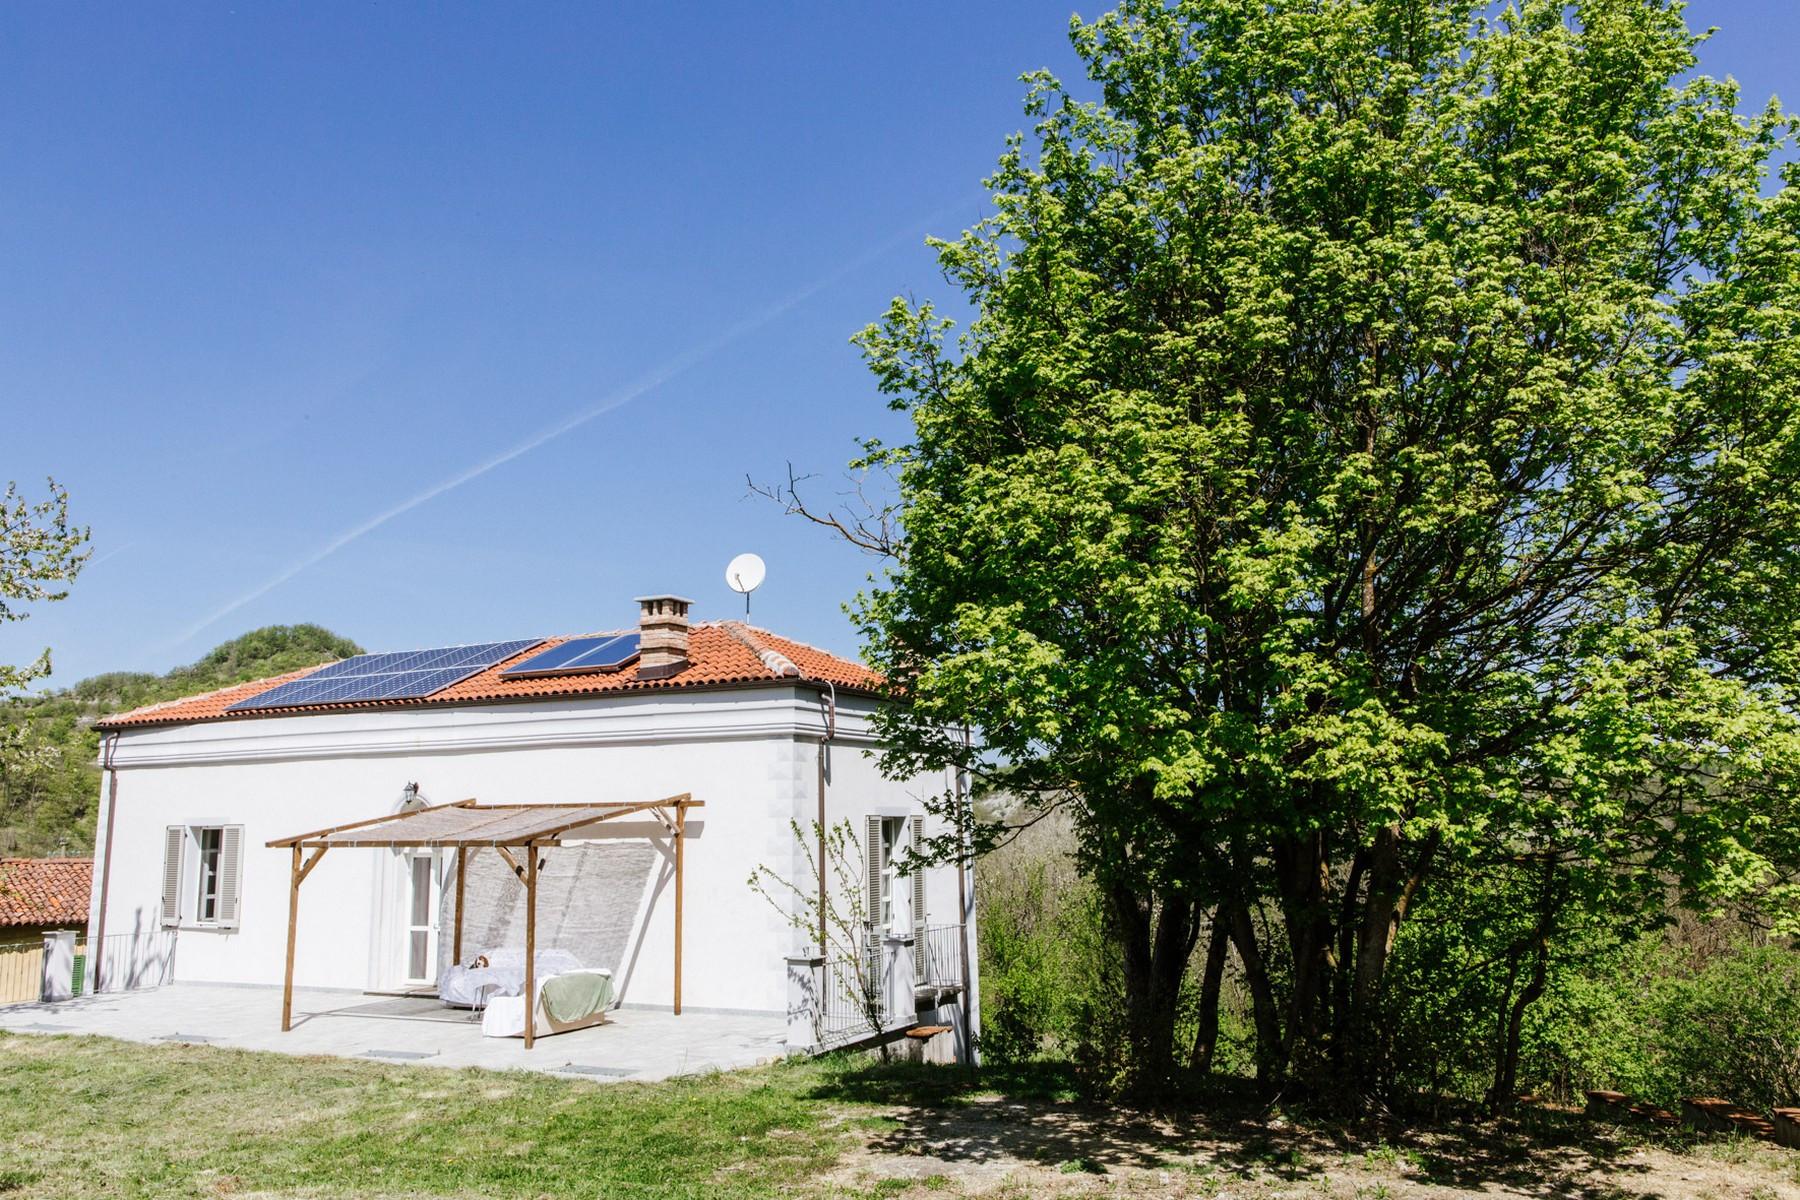 Rustico in Vendita a Malvicino: 5 locali, 320 mq - Foto 8